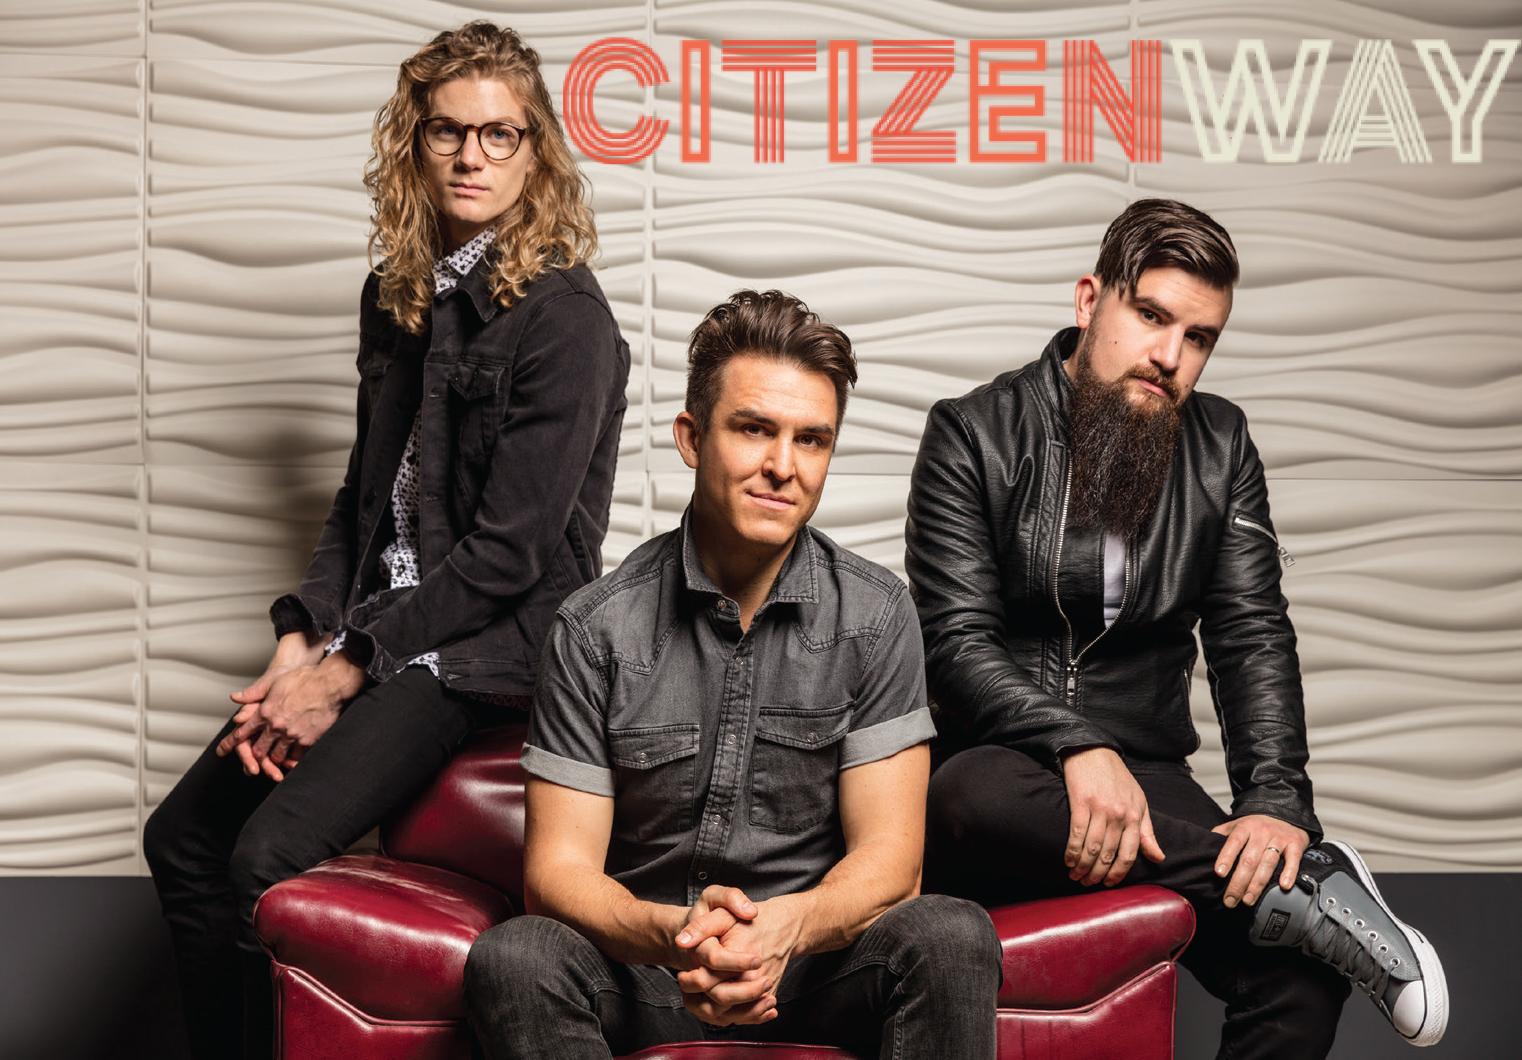 citizen way photo.jpg